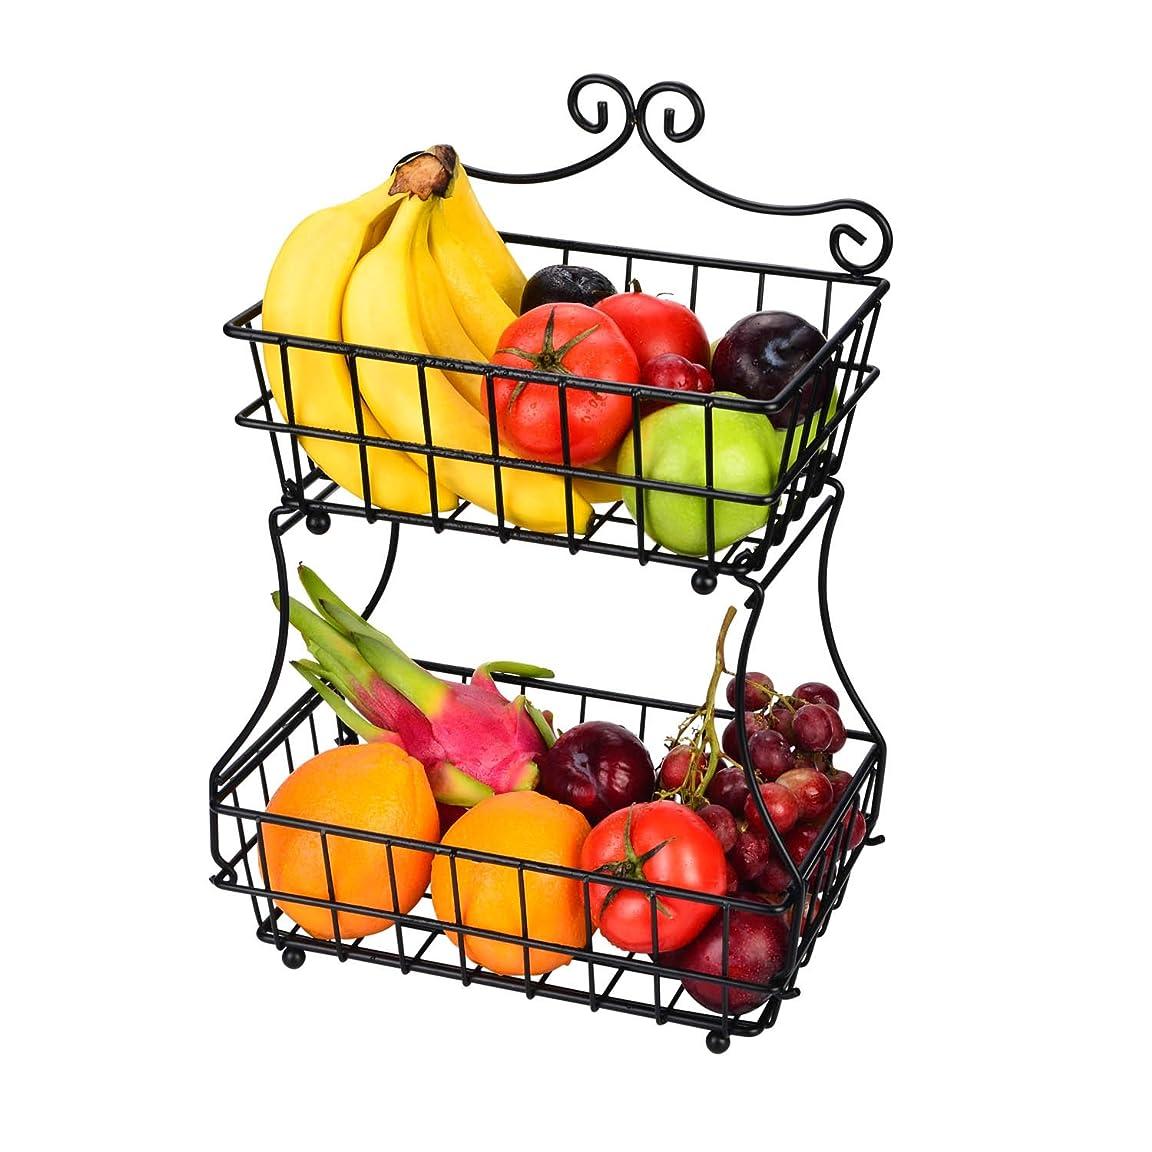 フルーツバスケット 2段 LINKFU ブレッドバスケット アイアン製 簡潔デザイン フルーツかご盛り 家庭用ラック フルーツ スタンド ストレージ用 壁掛け可能 果物かごもり お菓子?果物?小物収納かご キチン雑貨入り 北欧風 分解可能